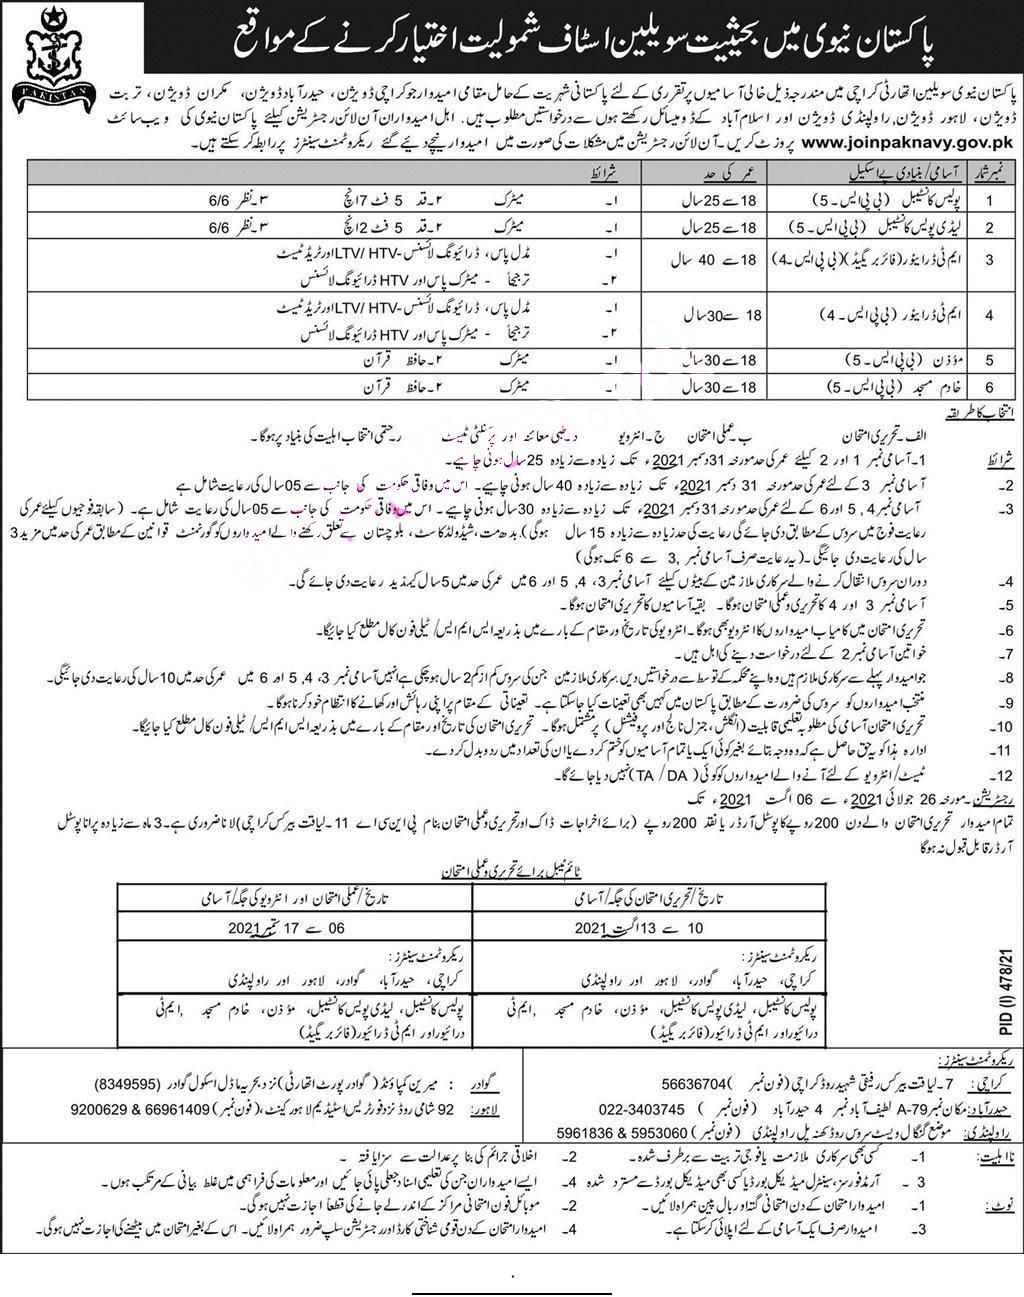 Pakistan Navy Civilian Jobs 2021 || Join Pak Navy as Civilian 2021